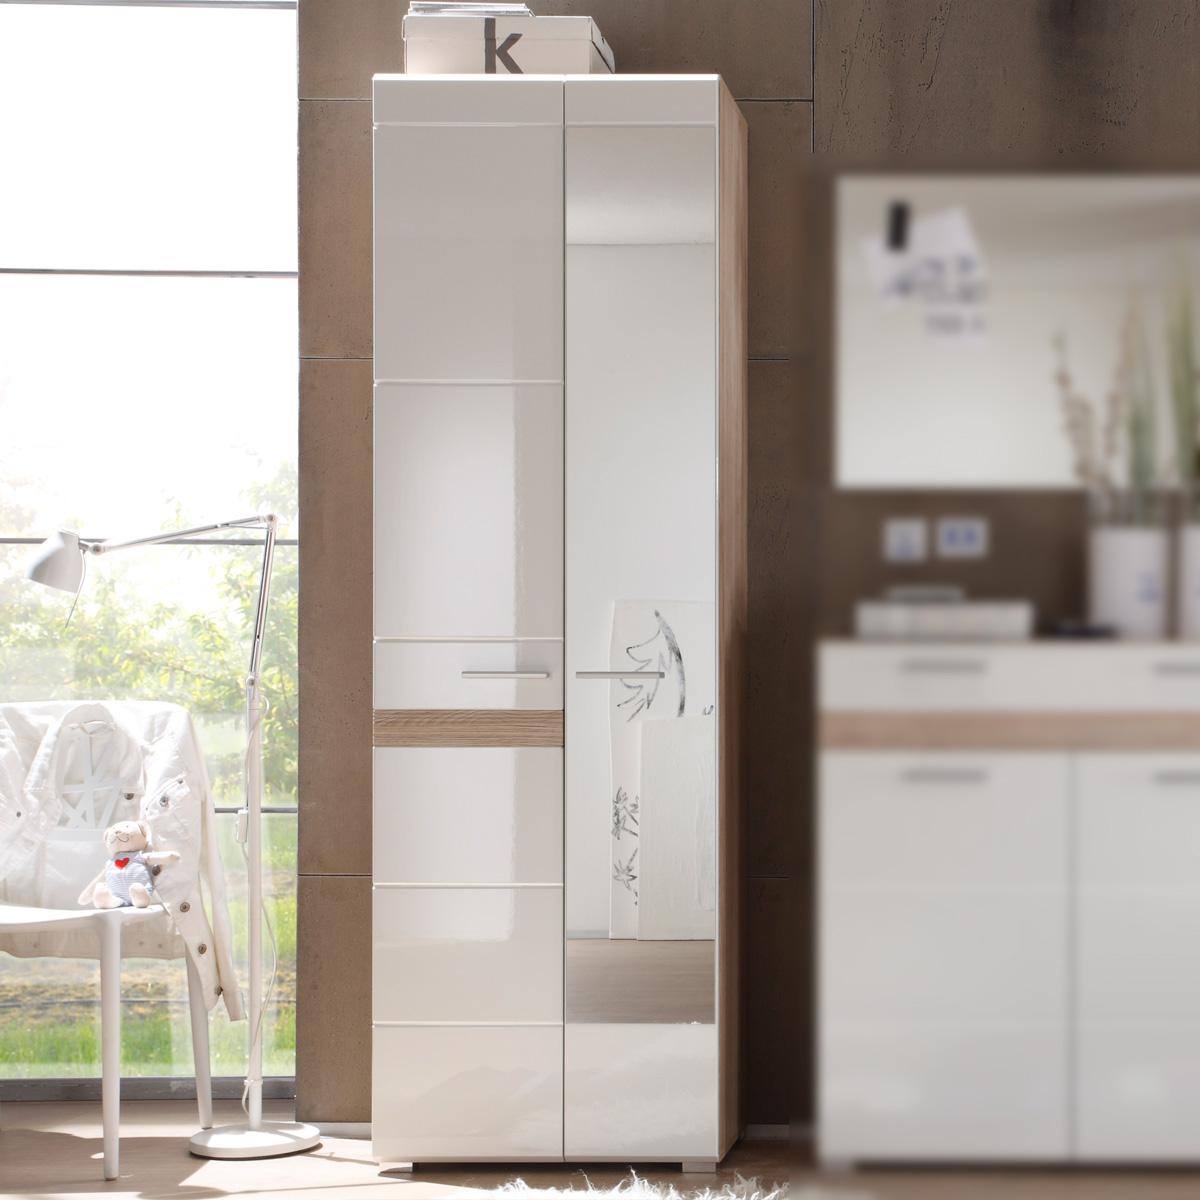 garderobenschrank setone hochschrank garderobe in eiche san remo wei hochglanz ebay. Black Bedroom Furniture Sets. Home Design Ideas